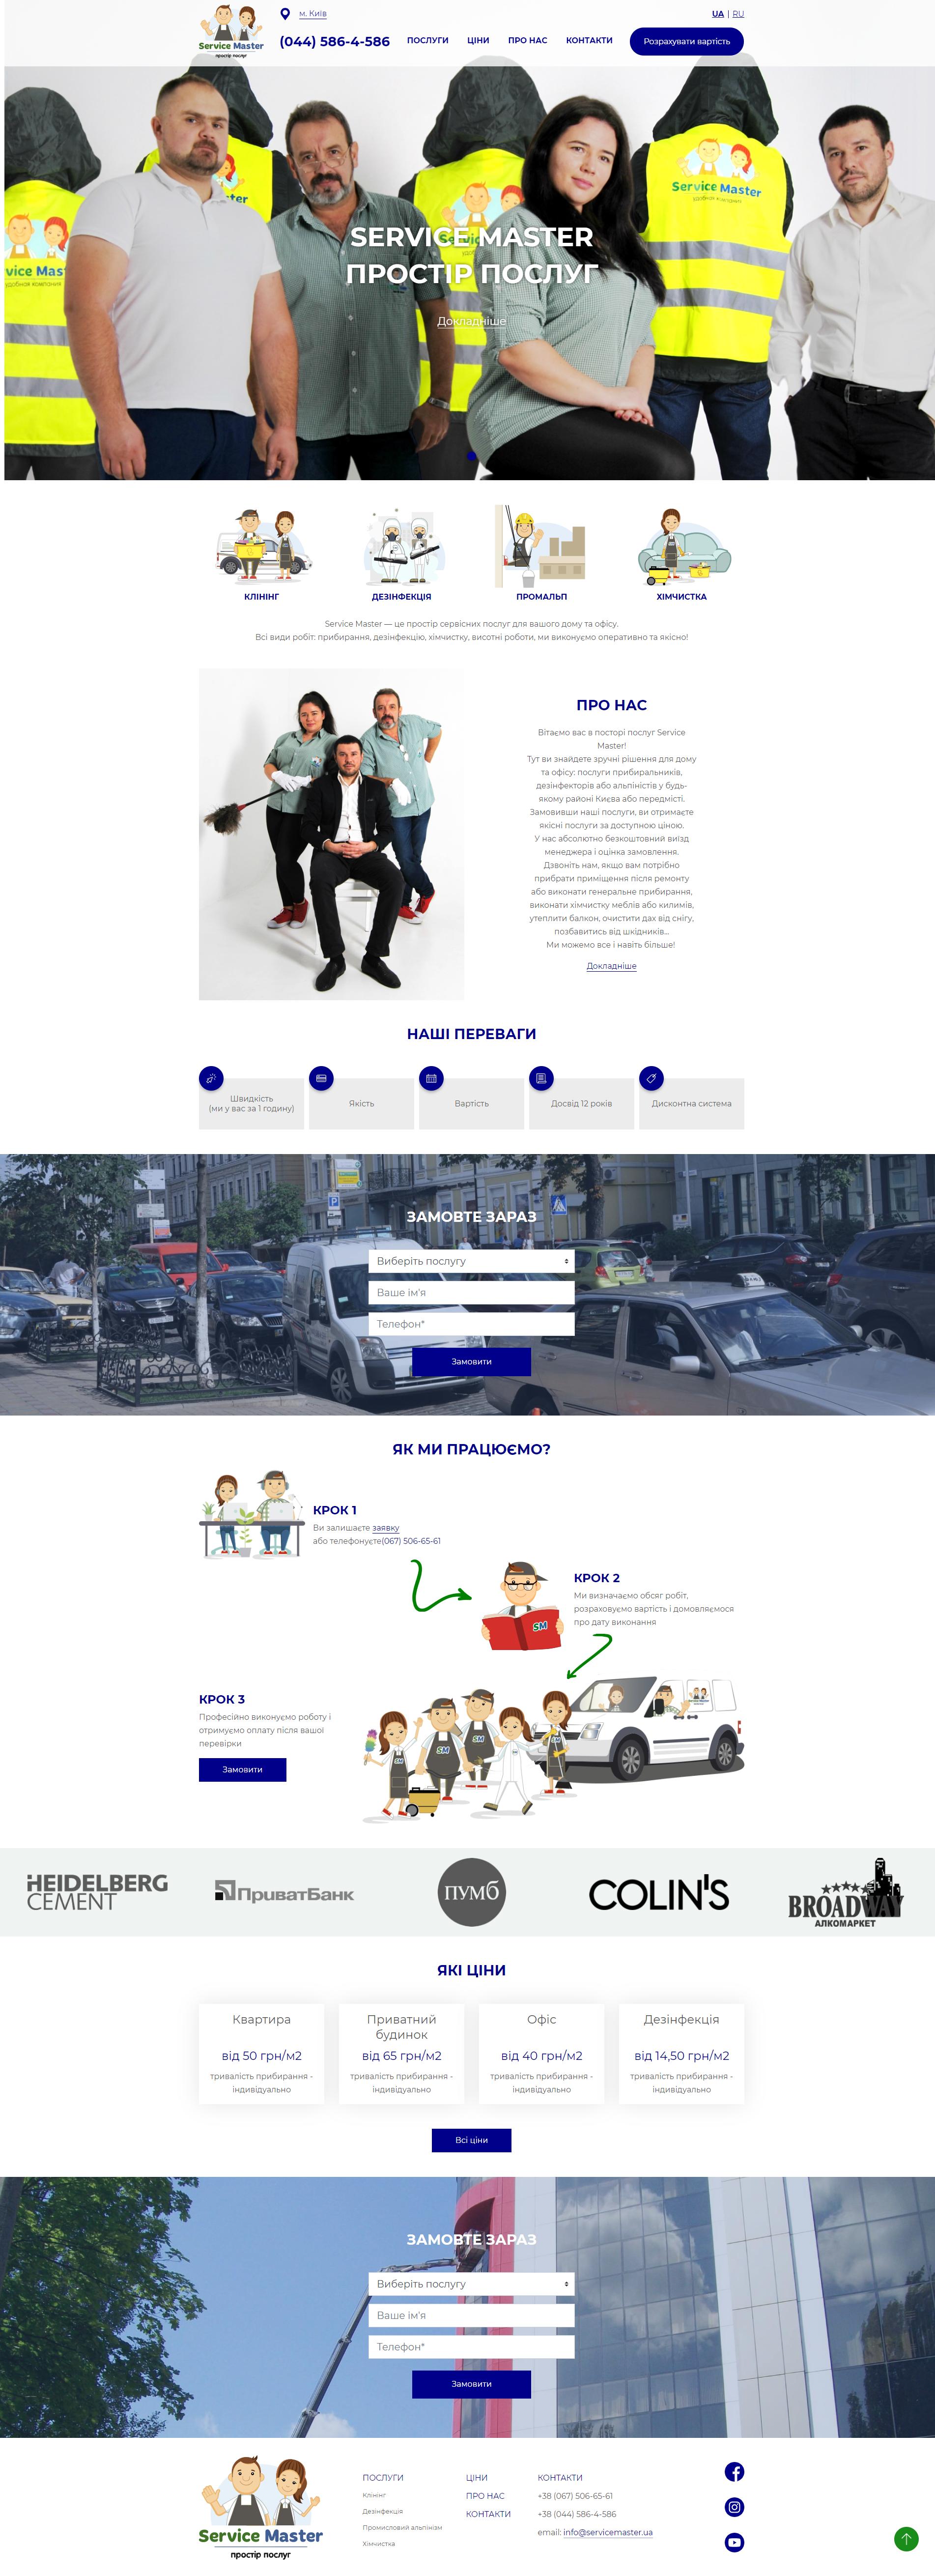 Фото Многостраничный сайт для клиннинговой компании с калькулятором услуг. Уникальный дизайн, адаптивная верстка под экраны всех устройств.